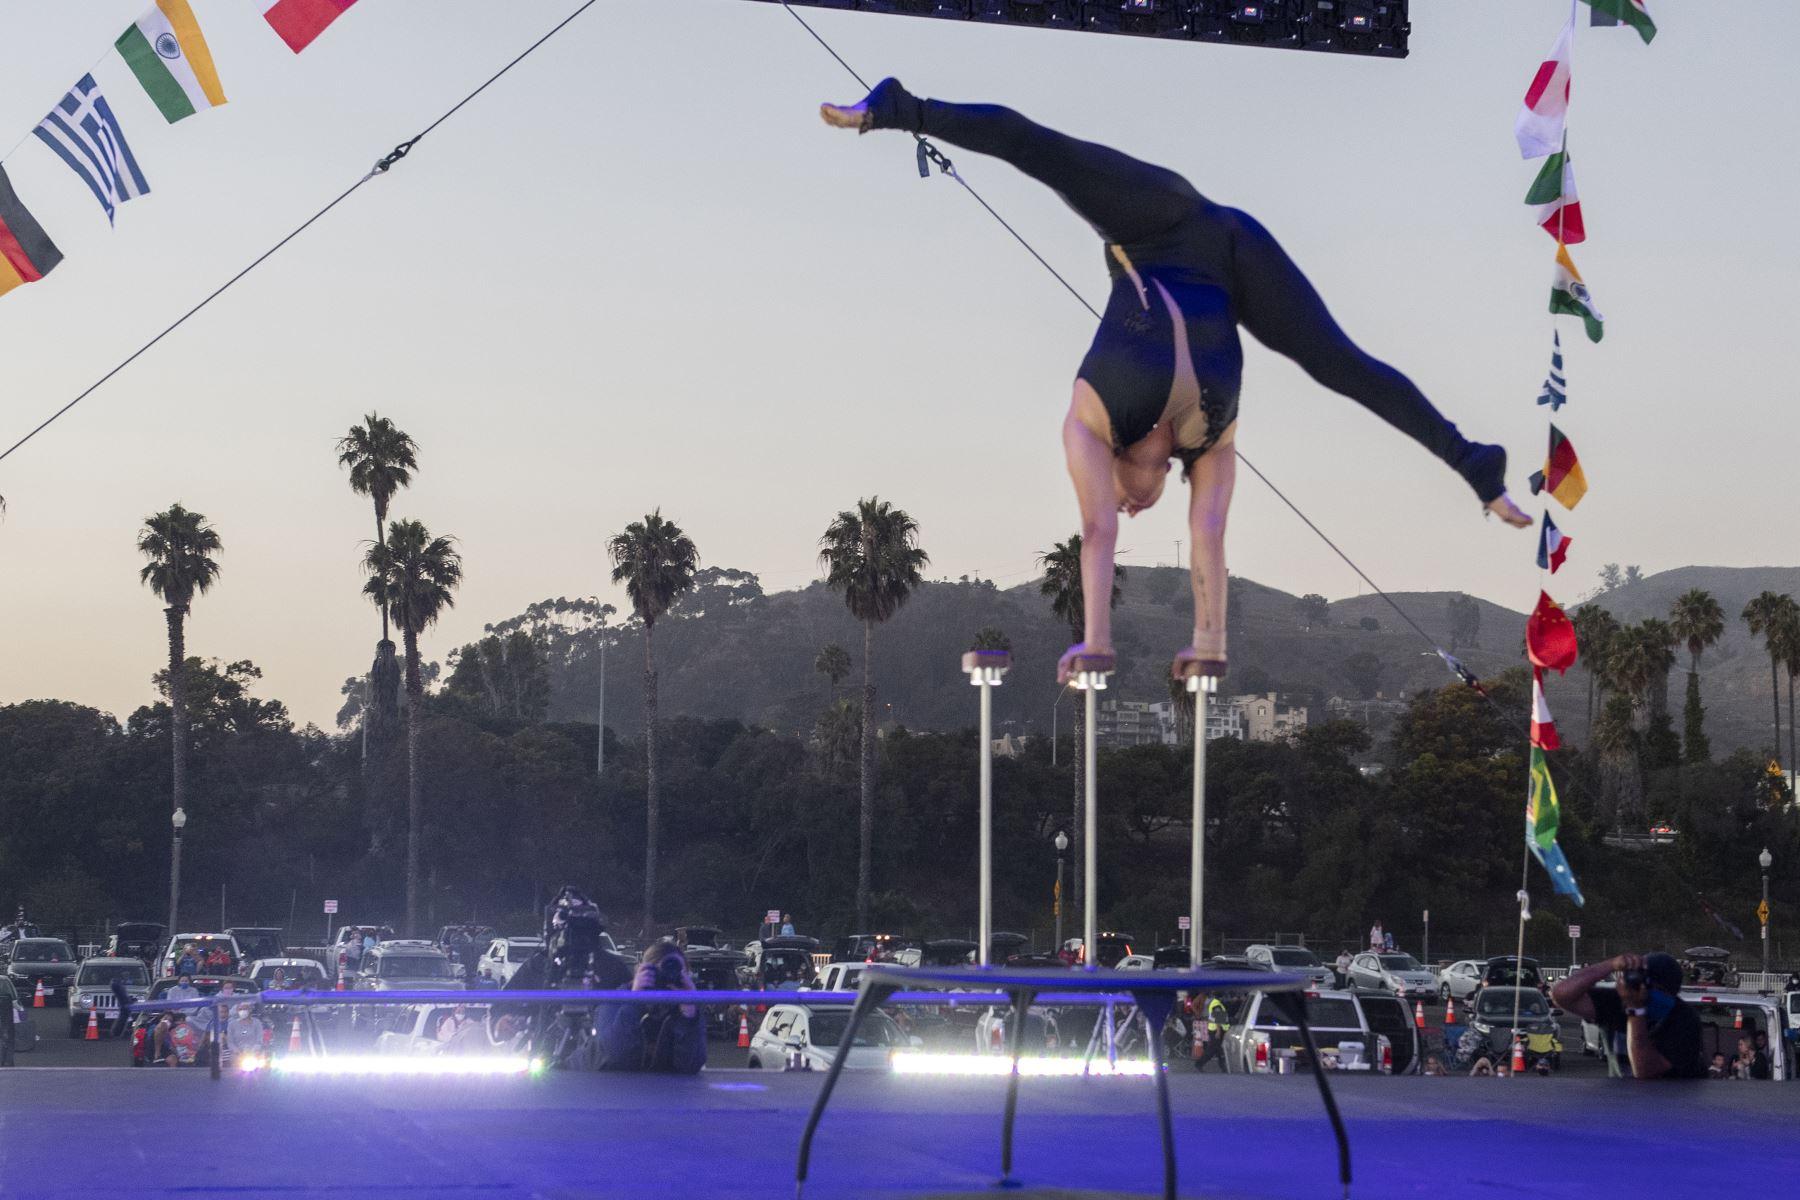 Un artista de Zoppe Italian Family Circus ejecuta una parada de manos en el escenario durante el evento de conducción en vivo